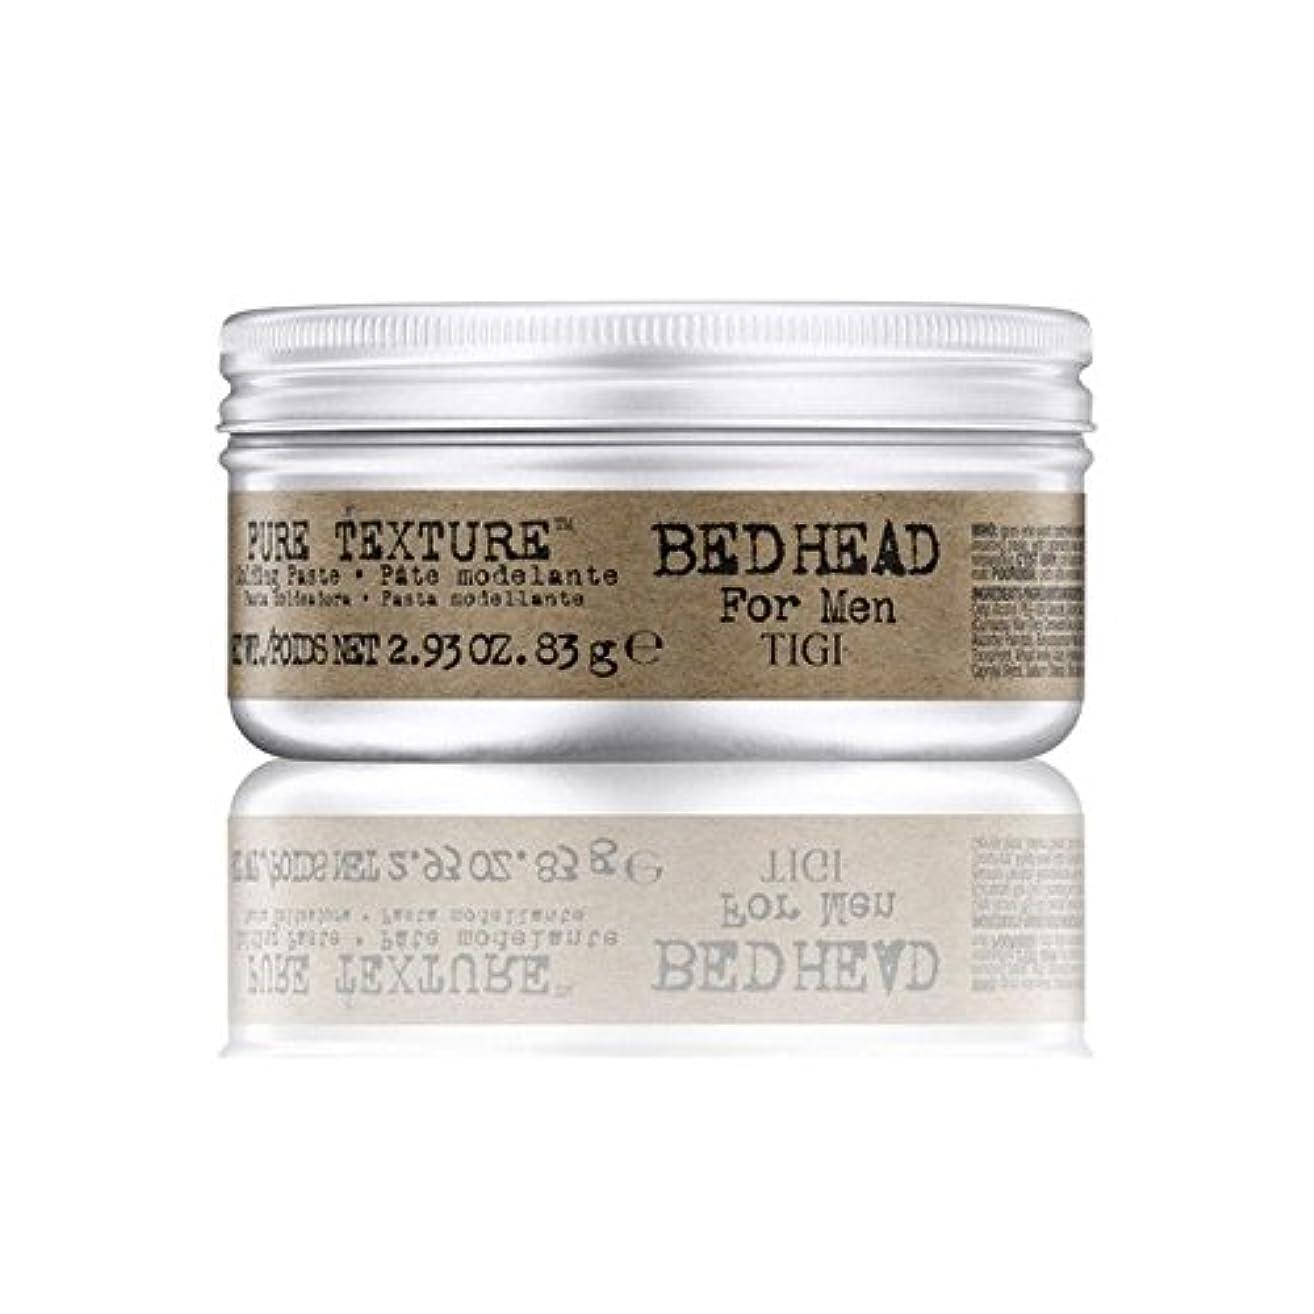 によって座標目覚める男性の純粋なテクスチャーモールディングペースト(83グラム)のためのティジーベッドヘッド x2 - Tigi Bed Head For Men Pure Texture Molding Paste (83G) (Pack...